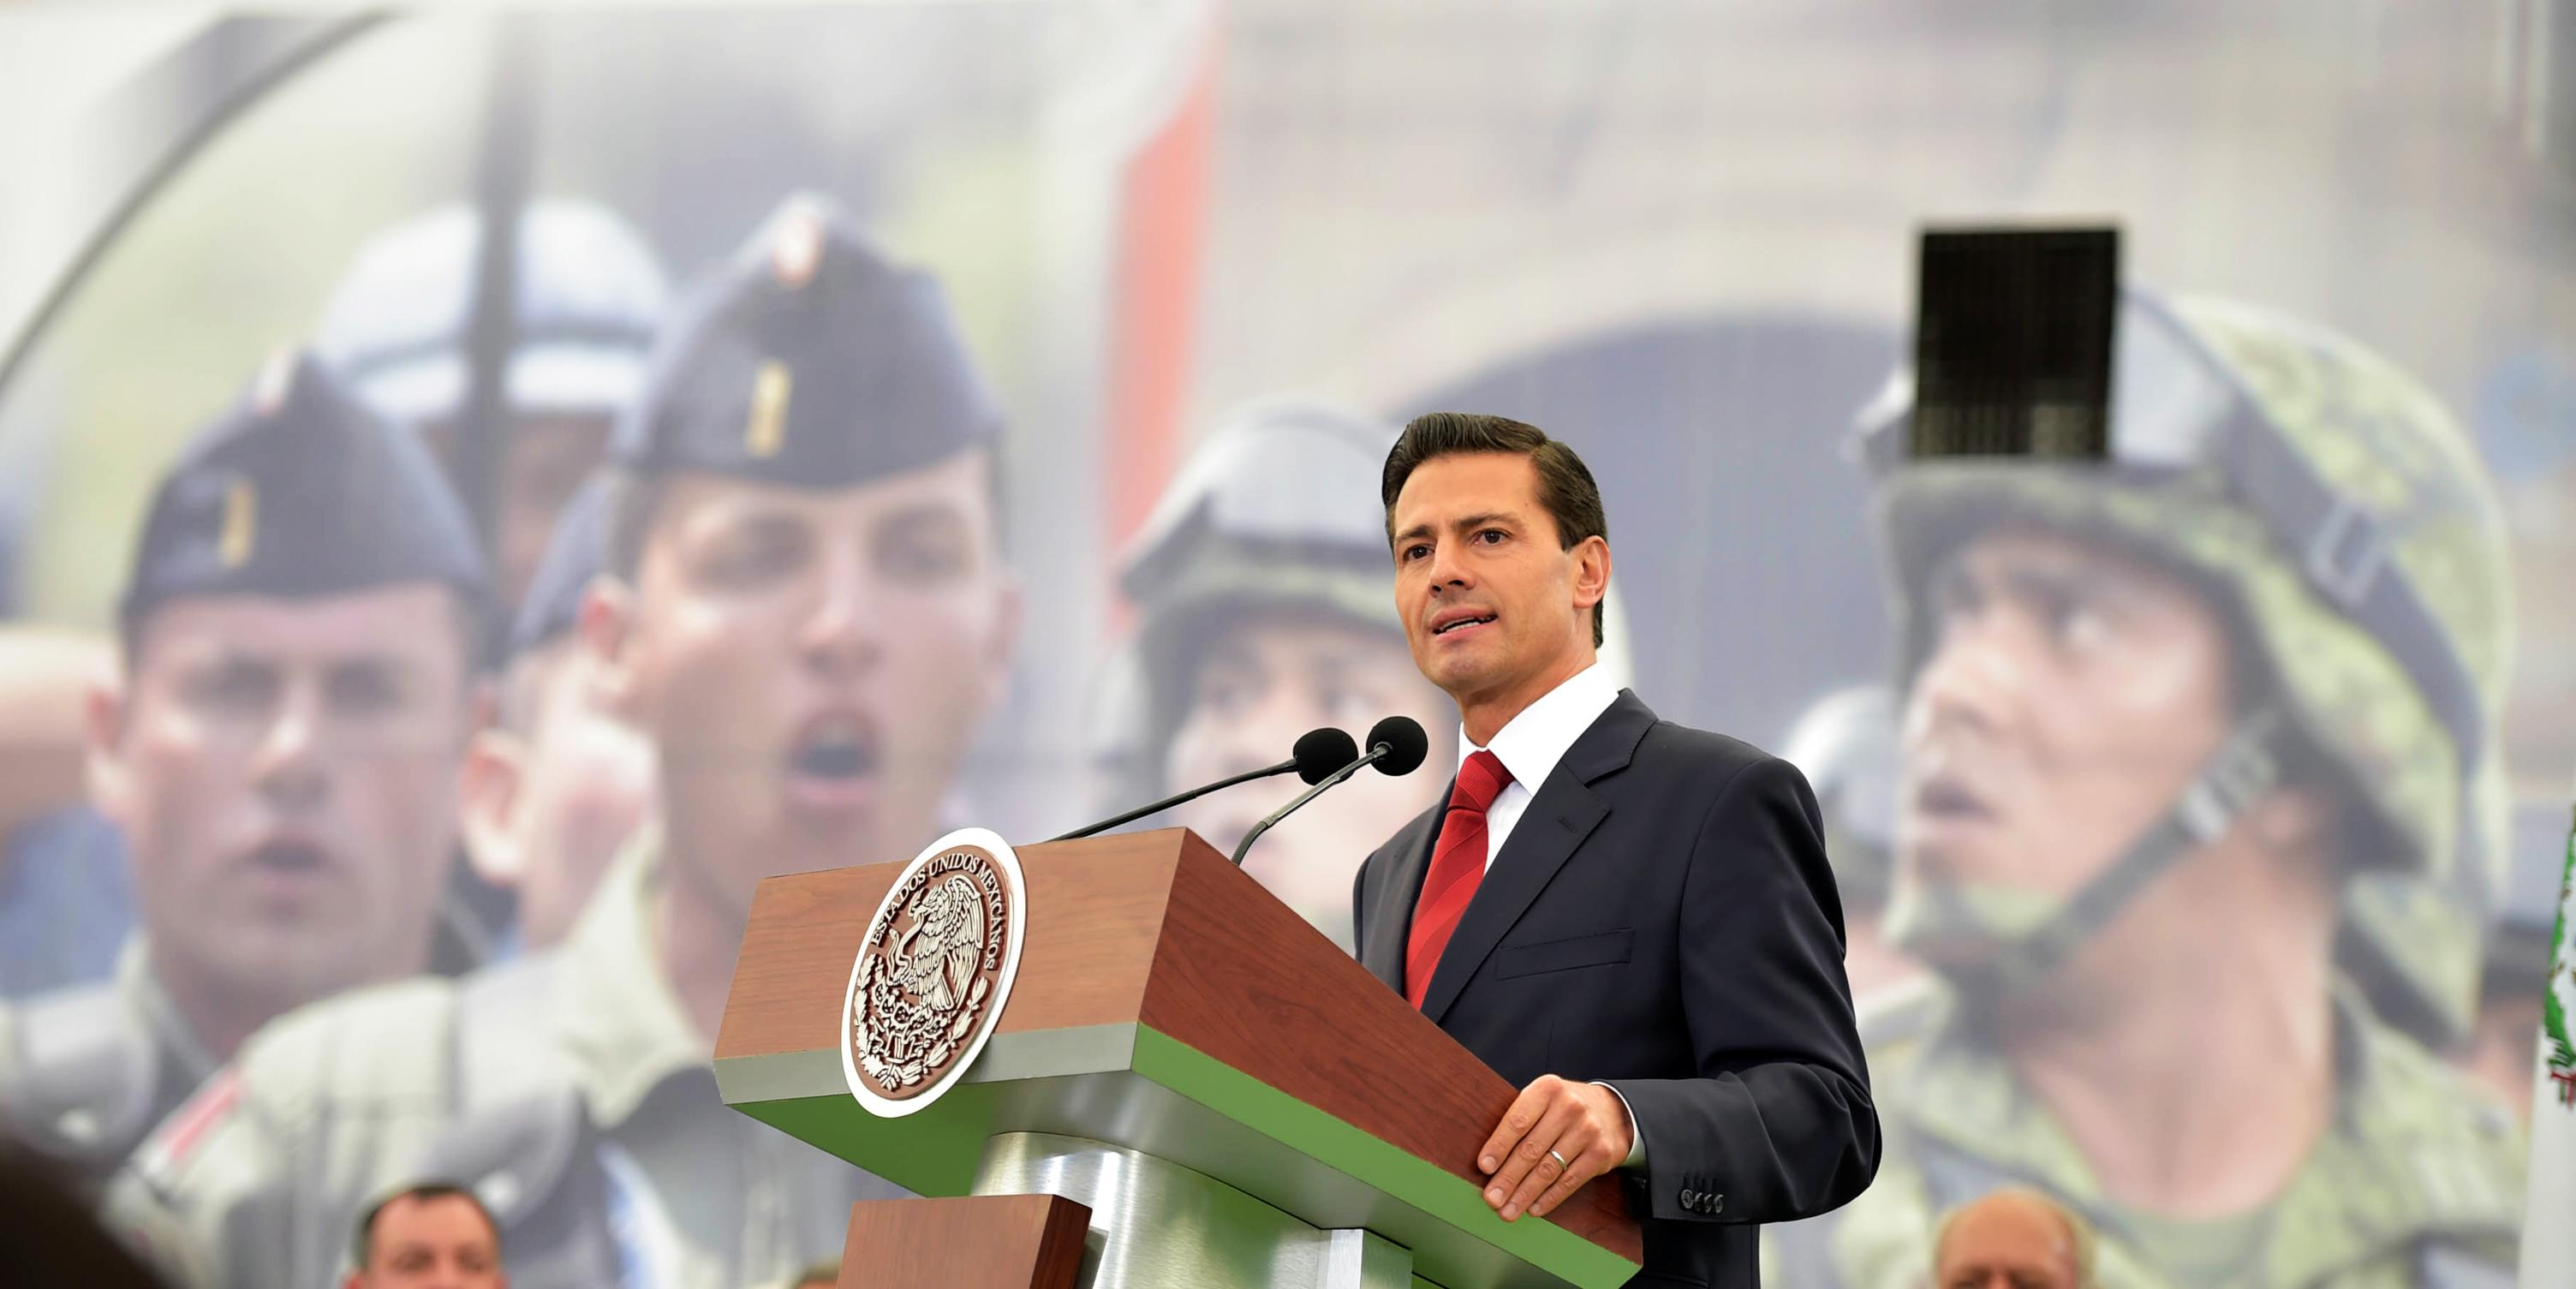 """México se siente orgulloso de sus Fuerzas Armadas, """"les reconoce y agradece su contribución al desarrollo y prosperidad de nuestra nación"""": EPN"""